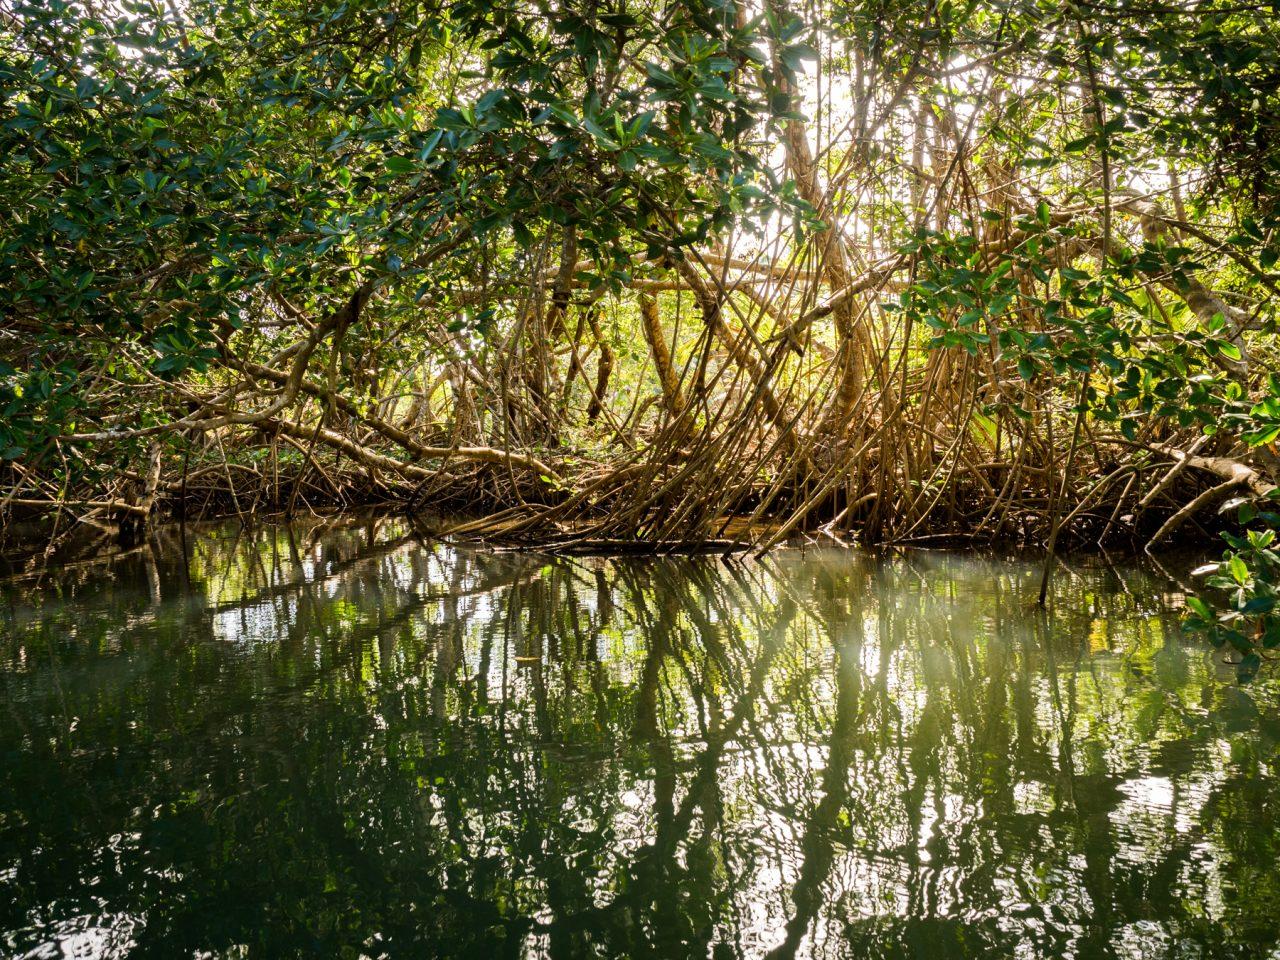 sous les palétuviers-kayak dans la mangrove guadeloupe-excursion mangrove guadeloupe